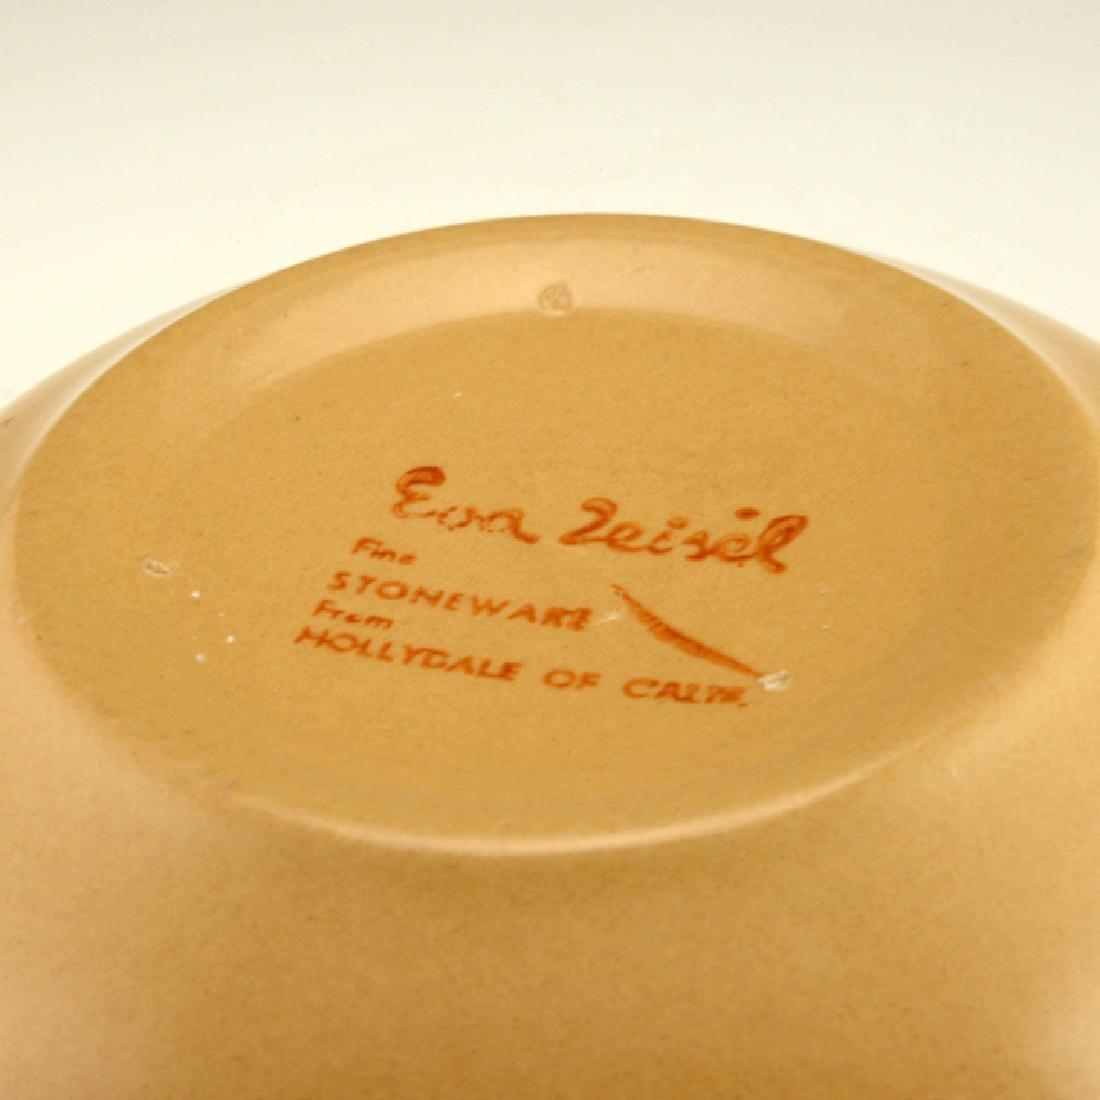 Rare Zeisel Hollydale Part Casserole - 2